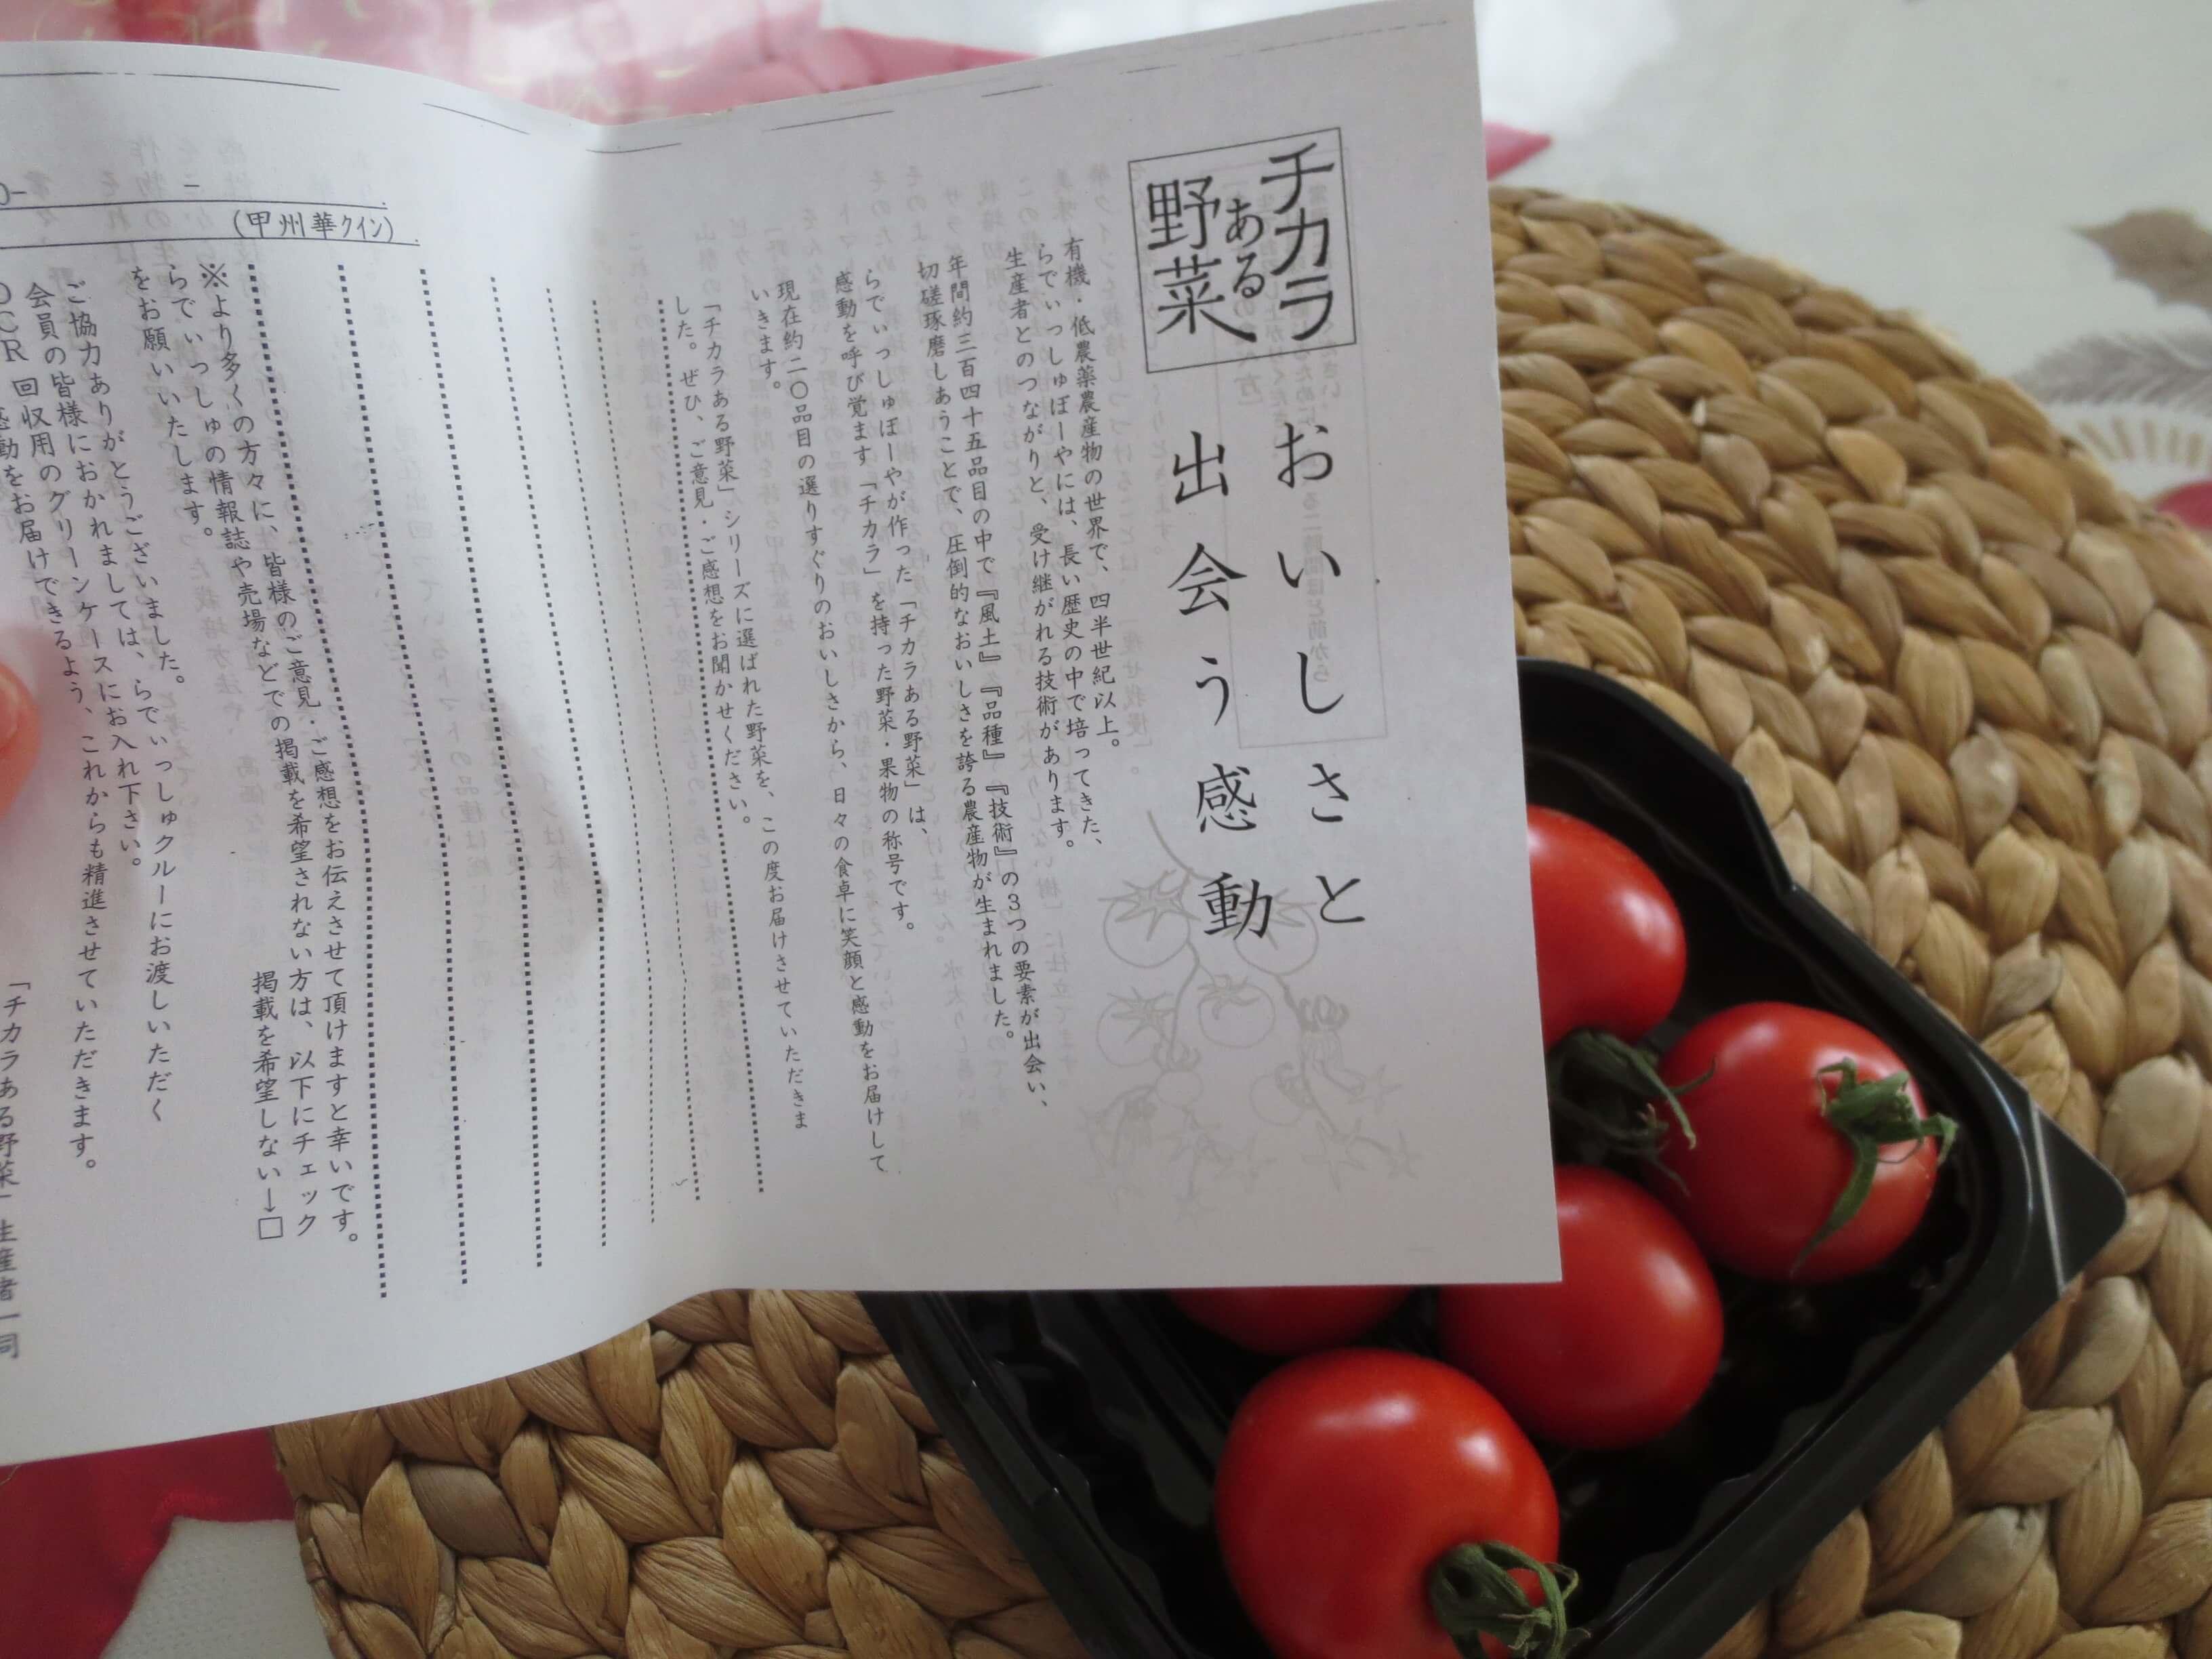 らでぃっしゅぼーや・らくらくパレット・口コミ・評判7